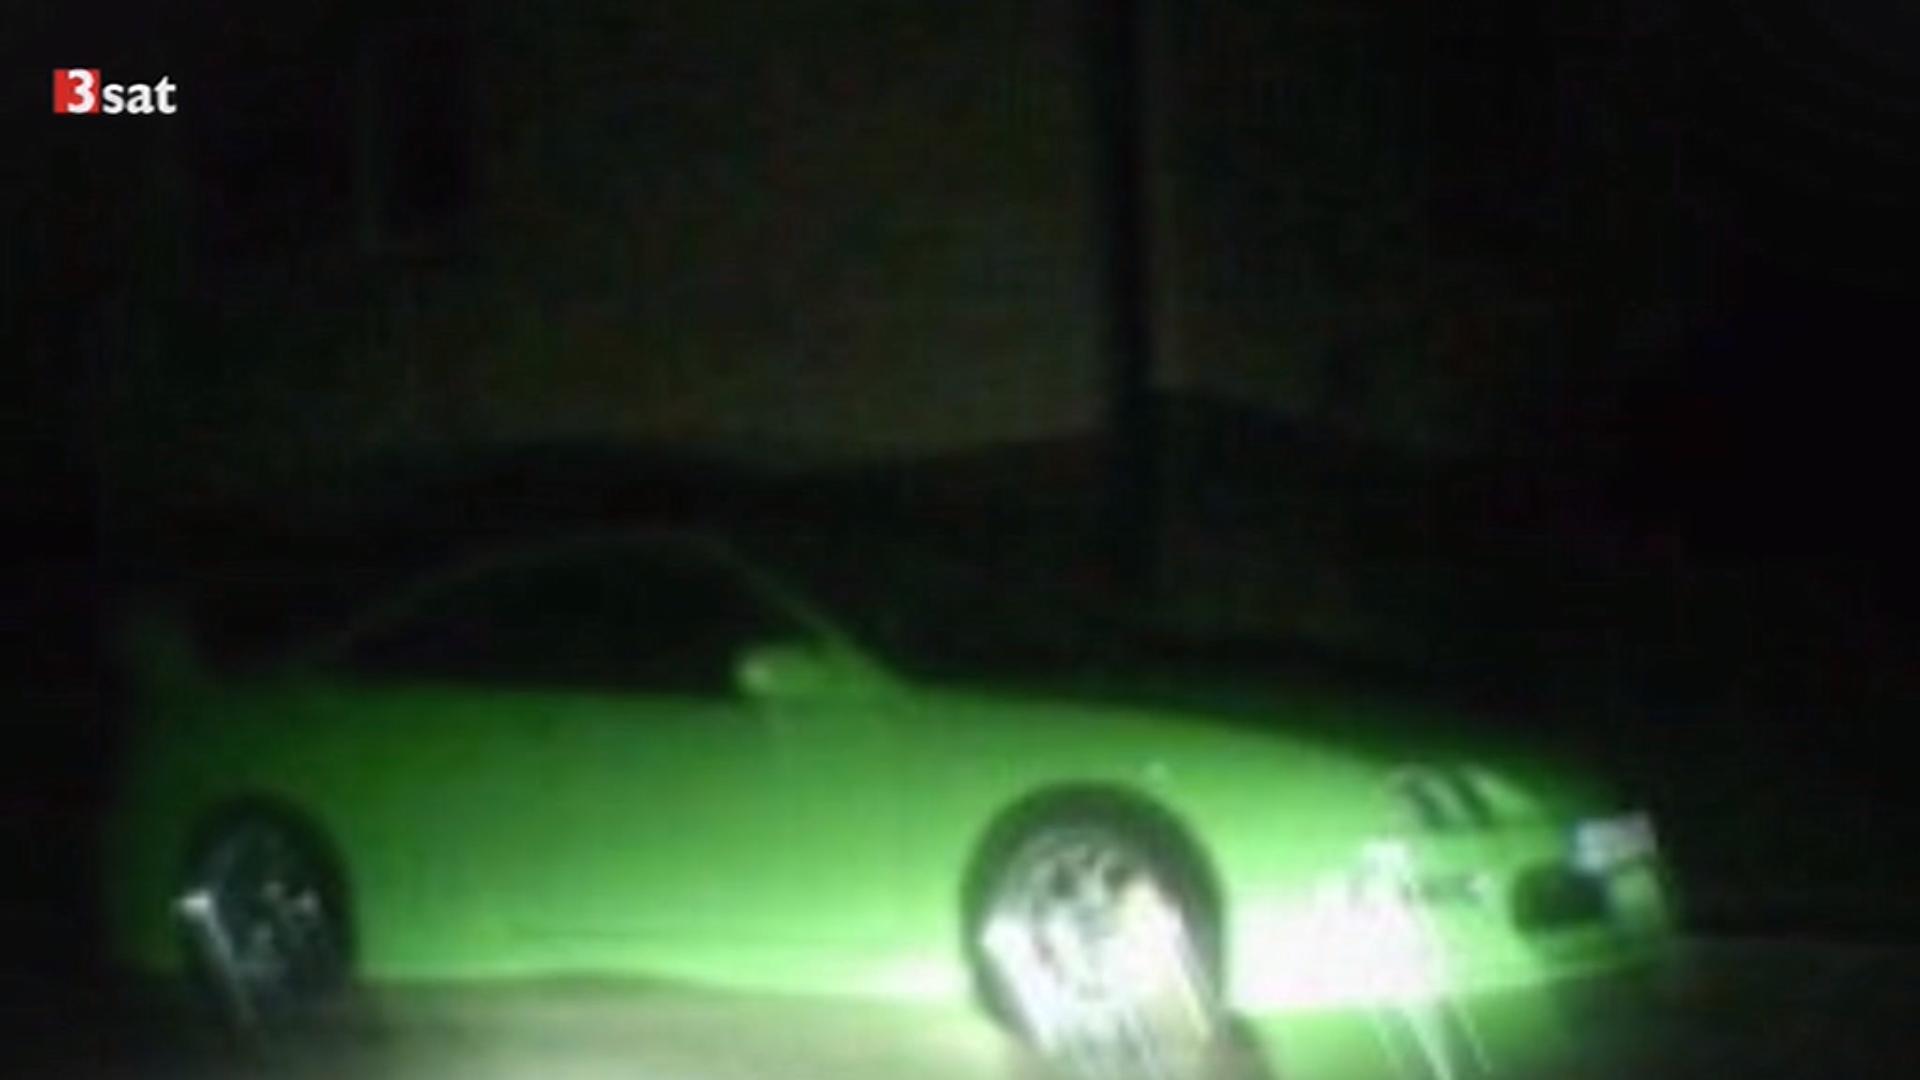 Bild des grünen Sportwagens, das Florian seinem Vater kurz vor seinem Tod zuschickte (3Sat, 2015, Kampf um die Wahrheit - Der NSU und zu viele Fragen)